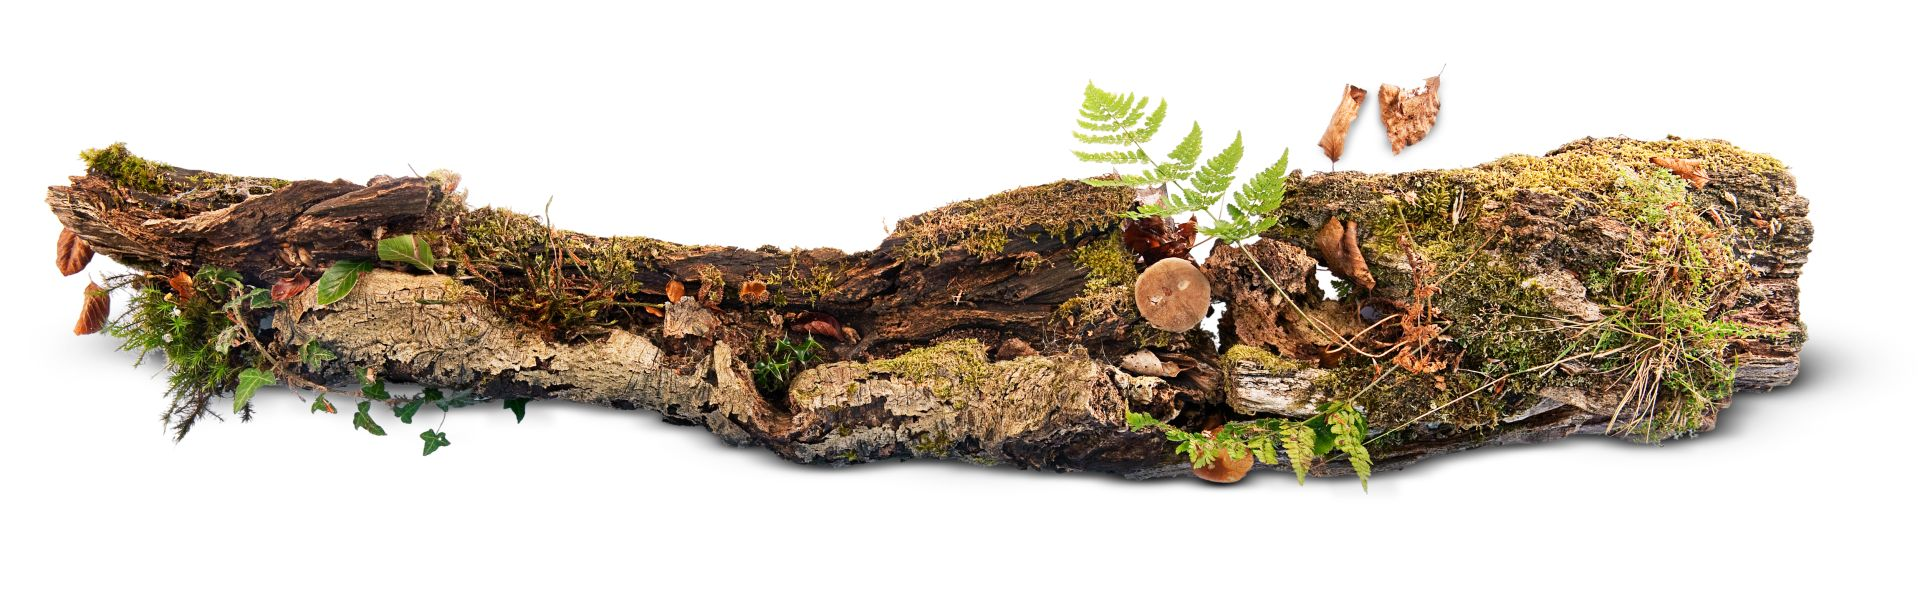 rotting log rotting log wildlife dk find out